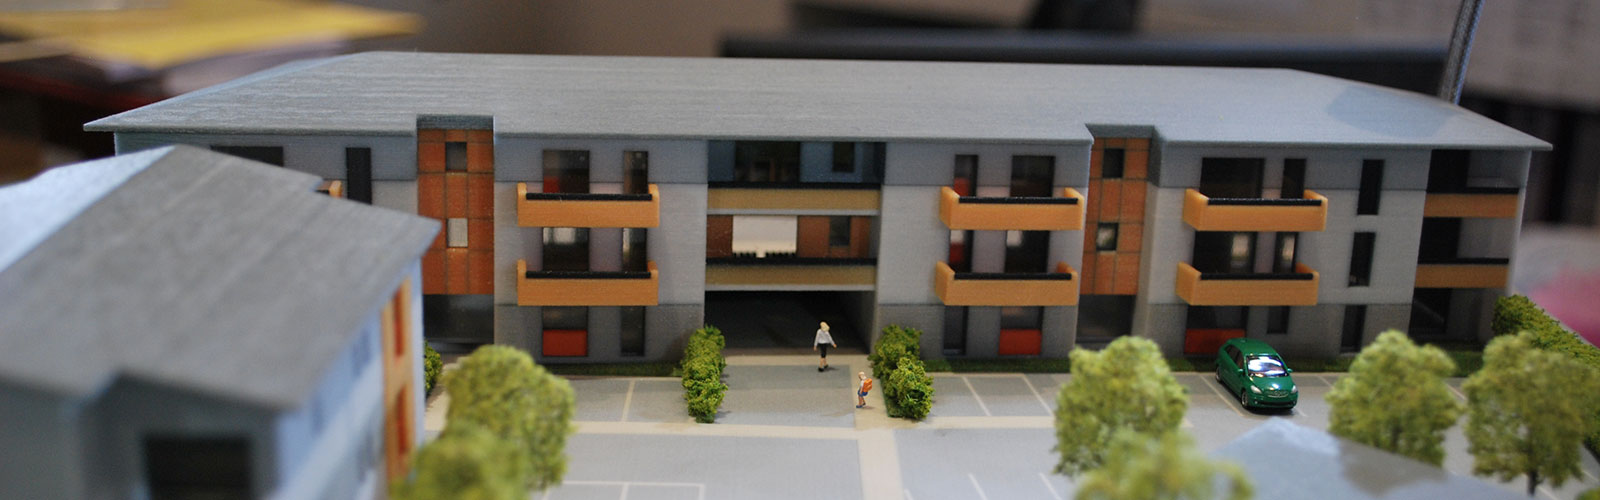 maquette-impression-3d-akerys